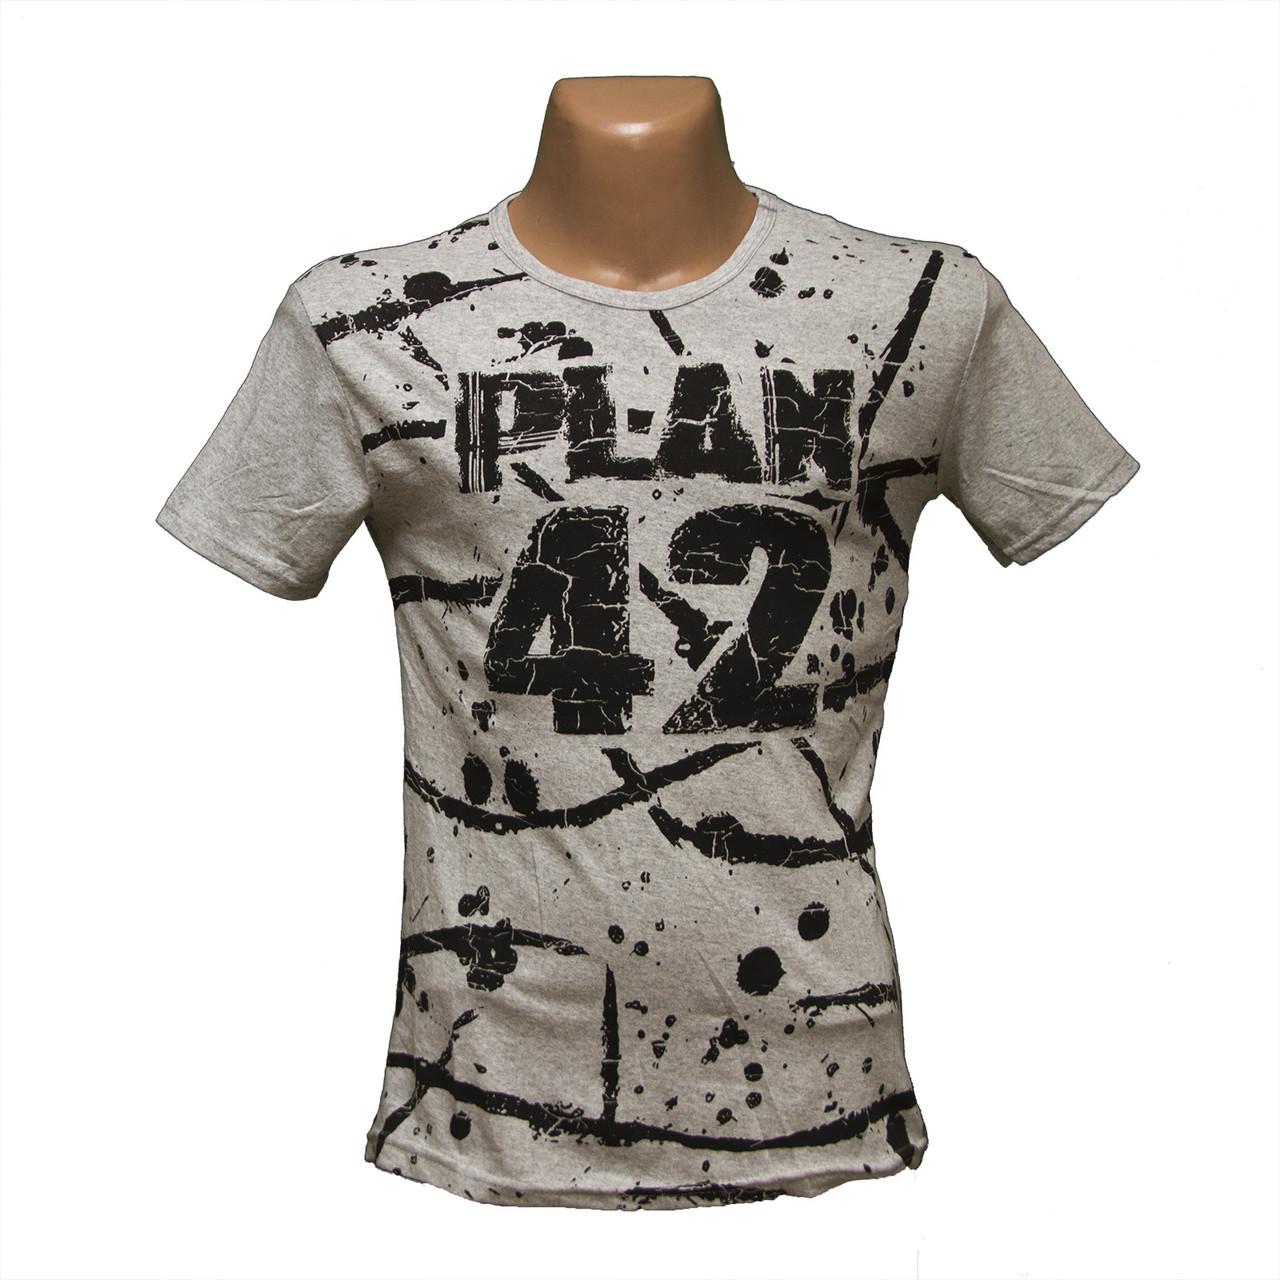 2303c77151b Молодежная однотонная футболка ОПТОМ Турция 5241-2 оптом и в розницу ...